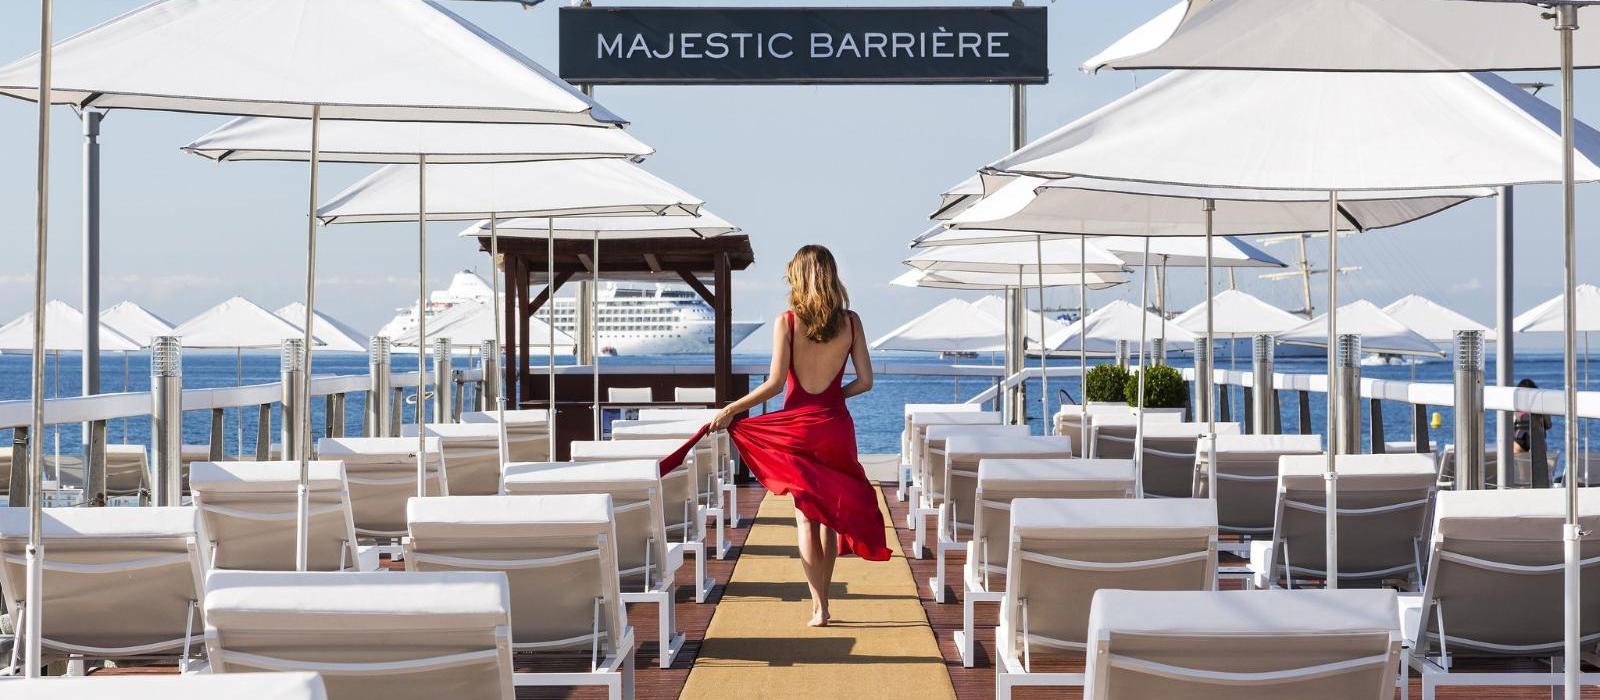 巴里耶尔马杰斯迪克酒店(Hotel Barriere Le Majestic Cannes) La Plage餐厅图片  www.lhw.cn